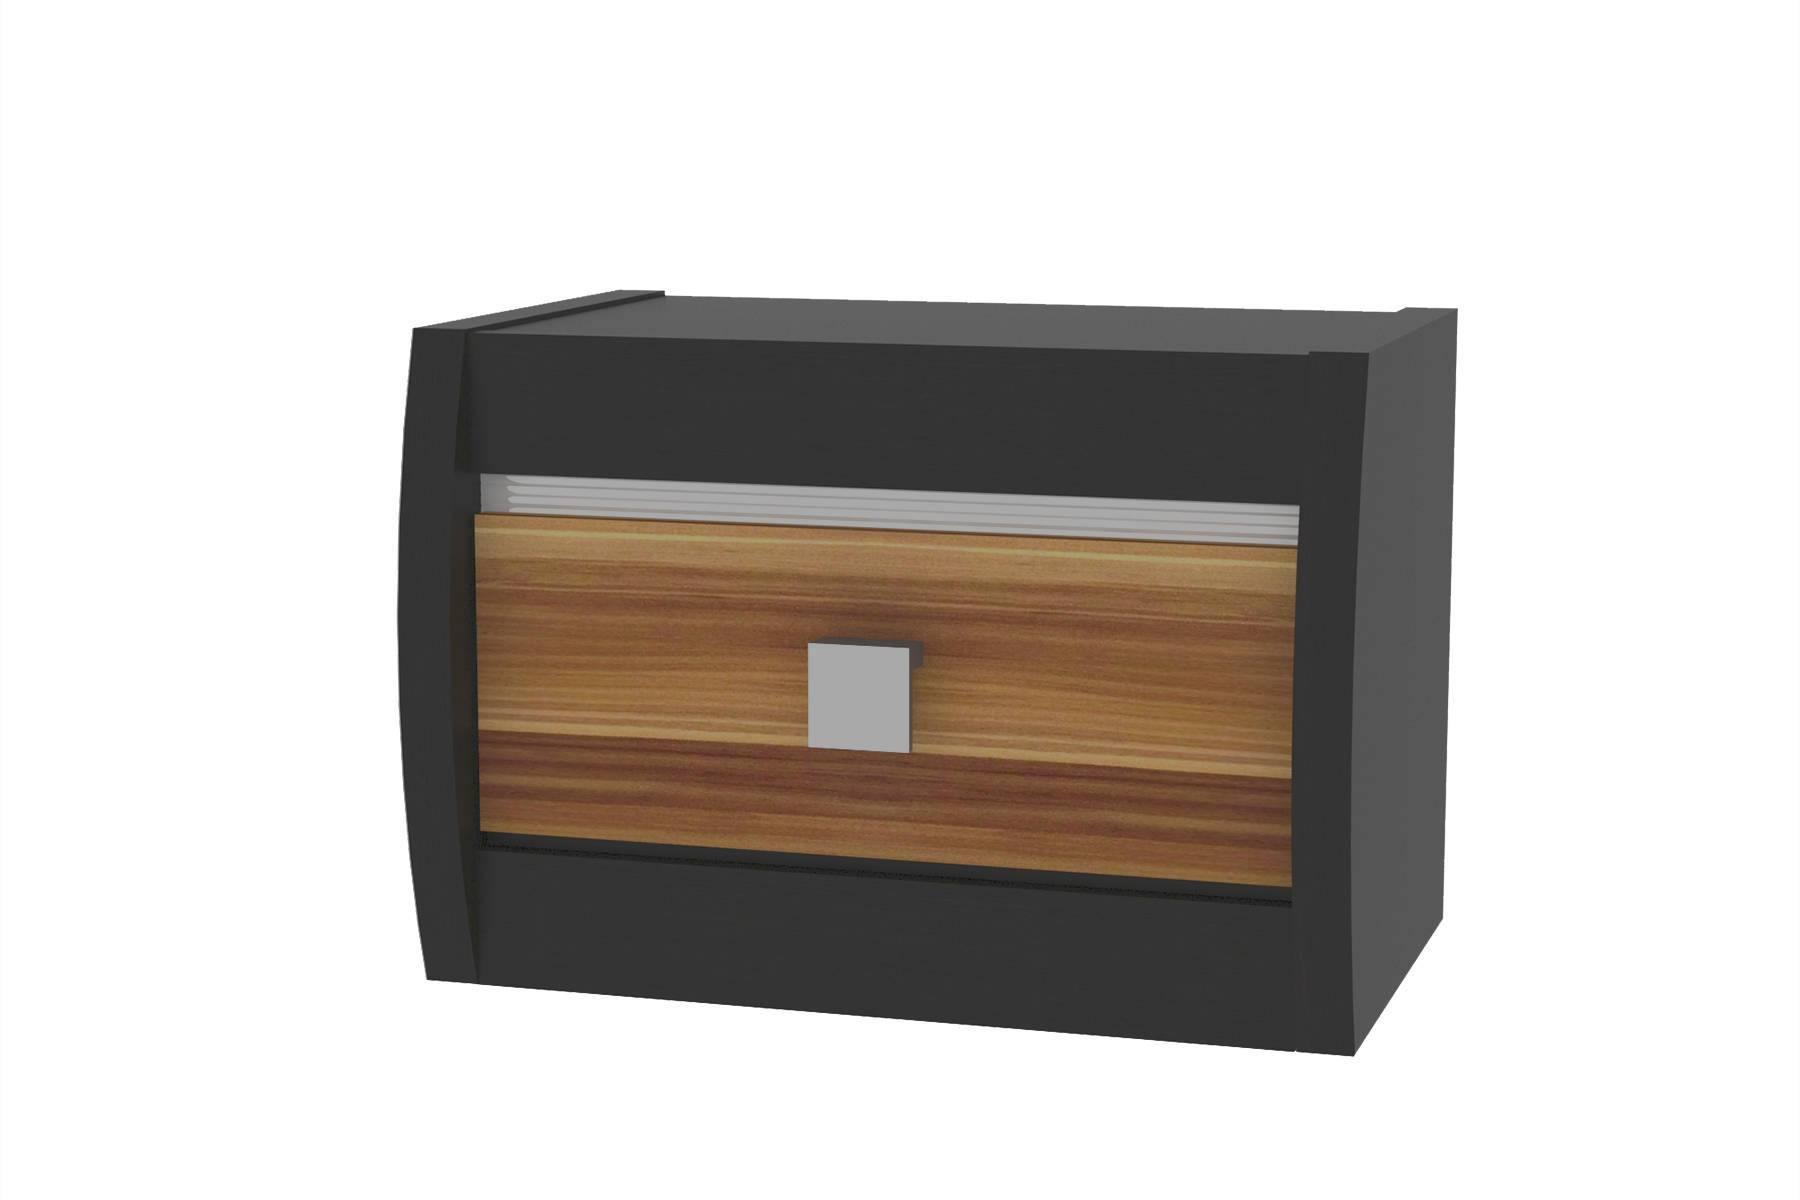 кресло-кровать без подлокотников с ящиком аккордеон